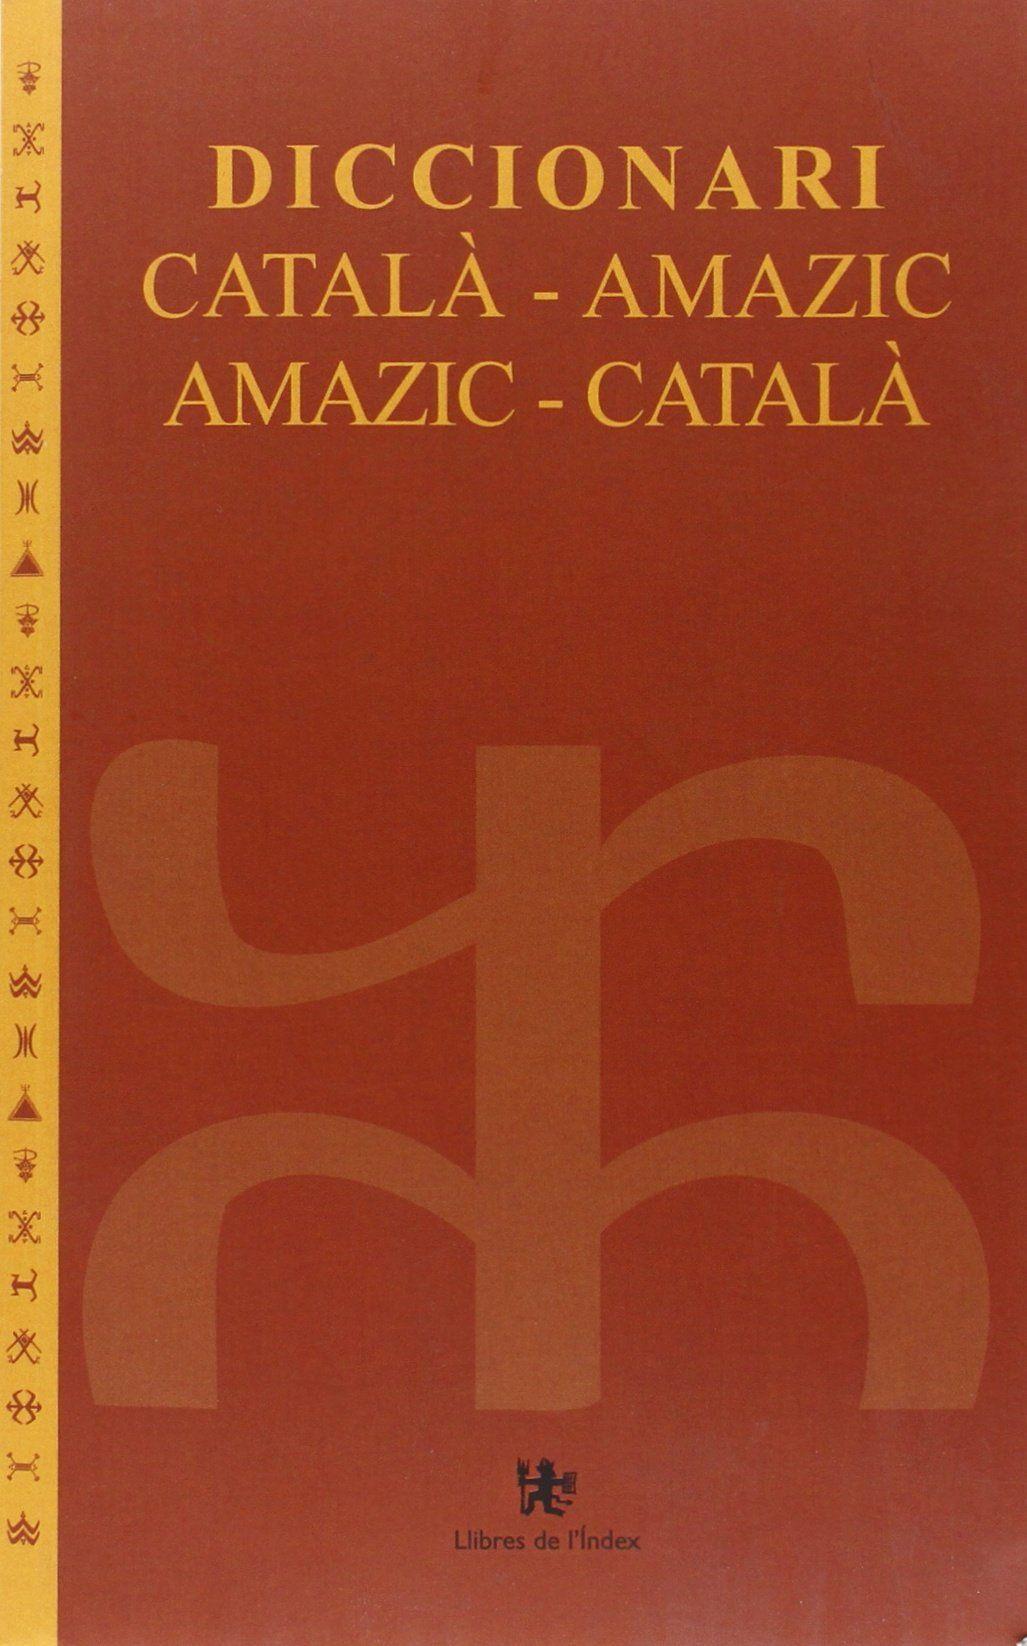 Diccionari català-amazic, amazic-català